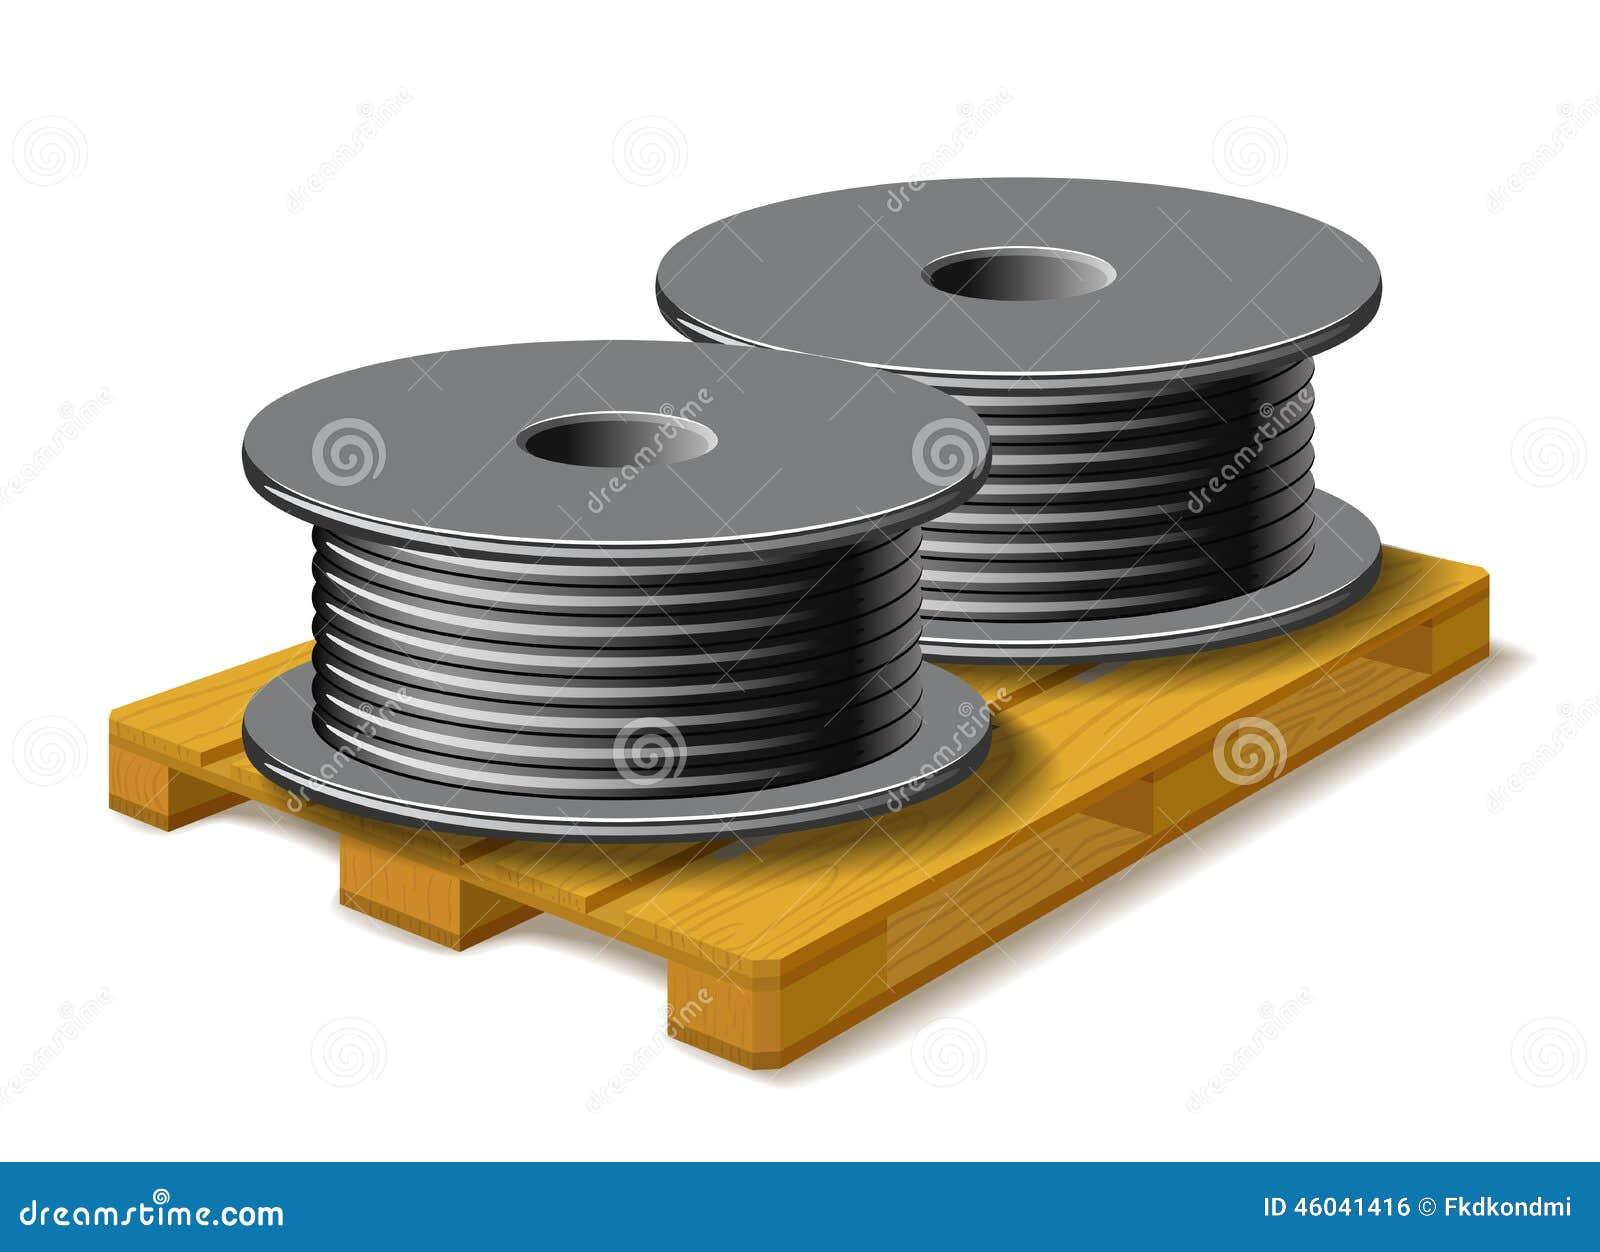 Combien fait une corde de bois - Combien de parpaing sur une palette ...